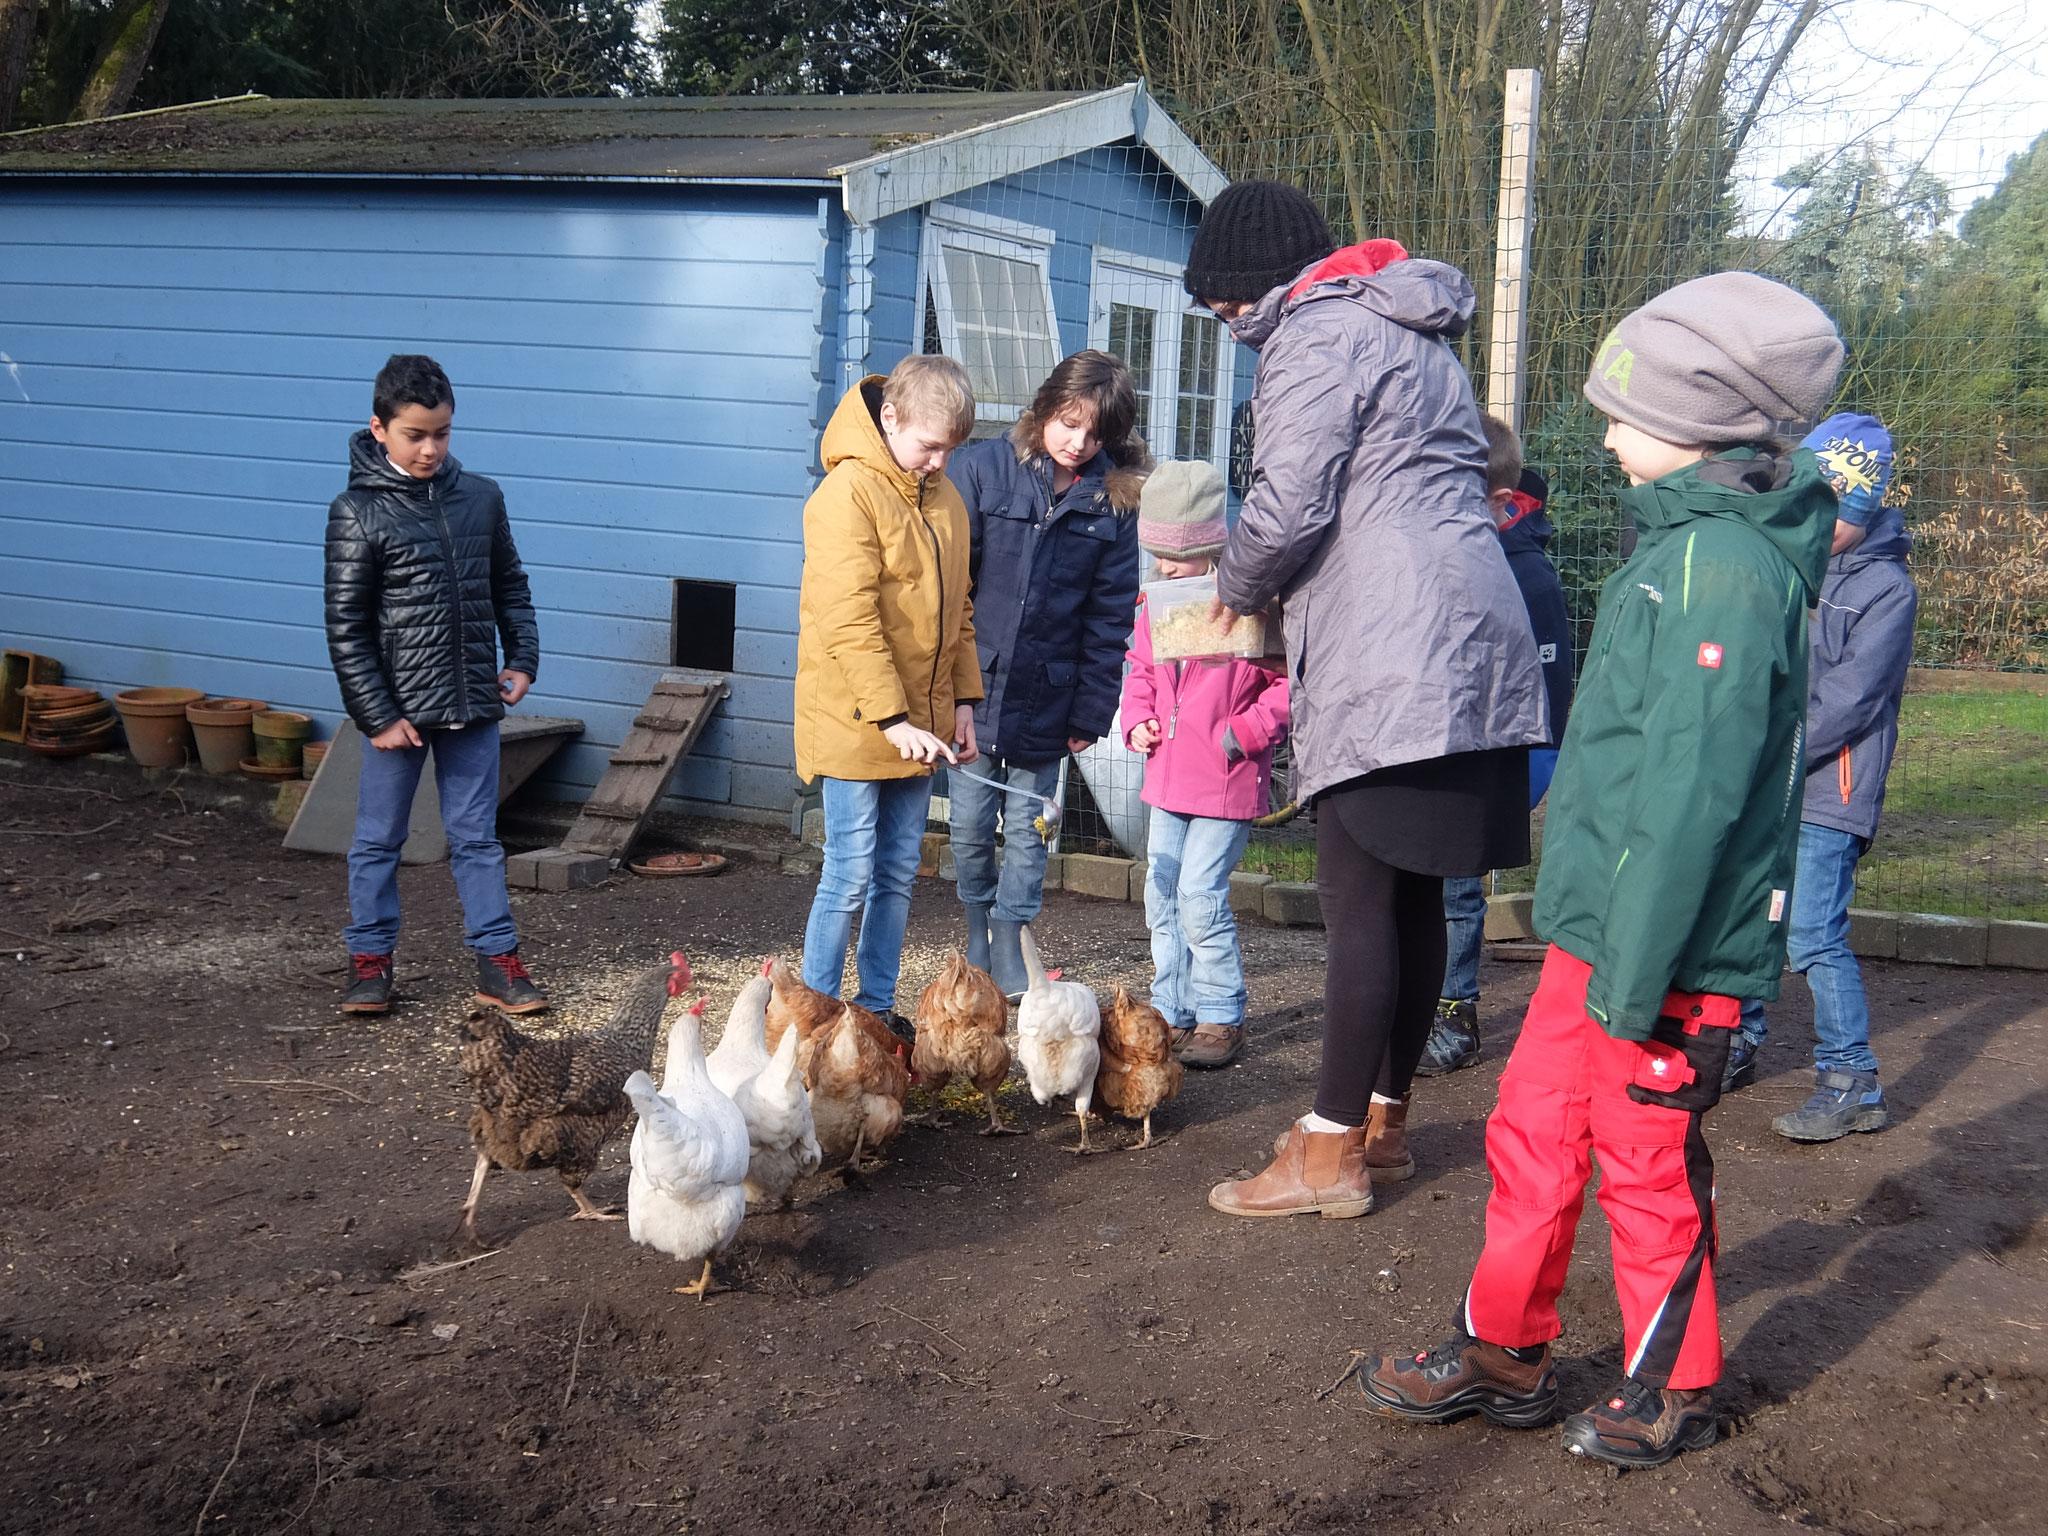 Und wir haben einen kleinen Hühnerstall besucht um zu sehen,